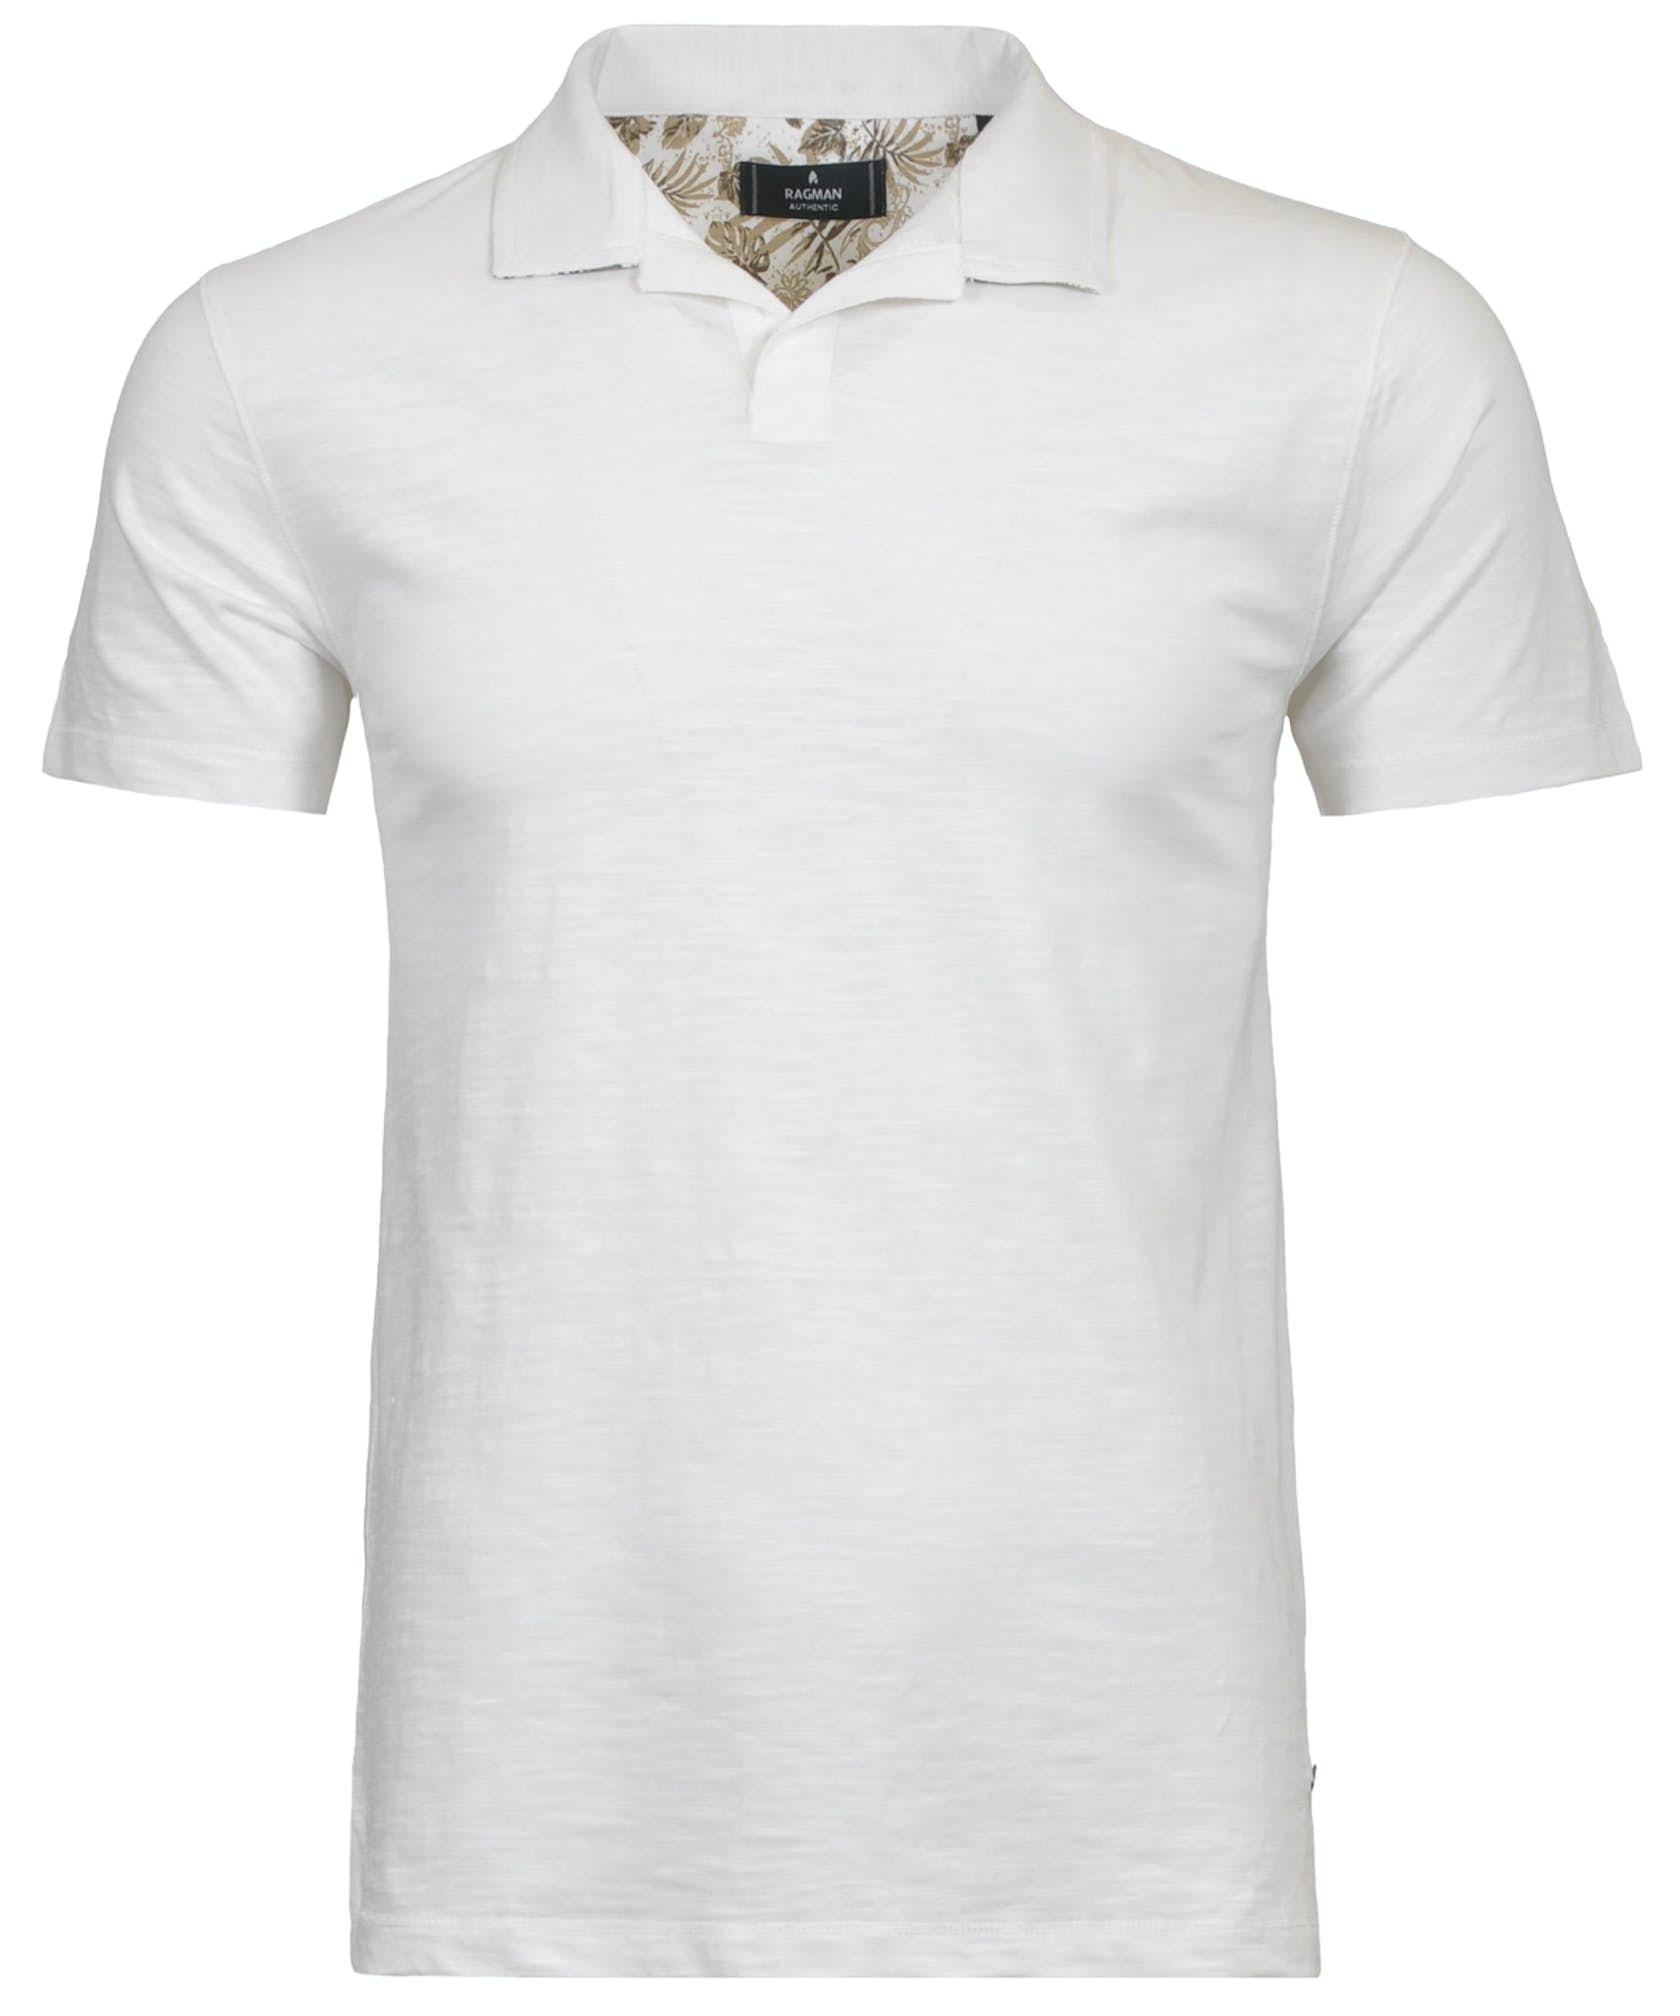 Poloshirt mit offenem Kragen